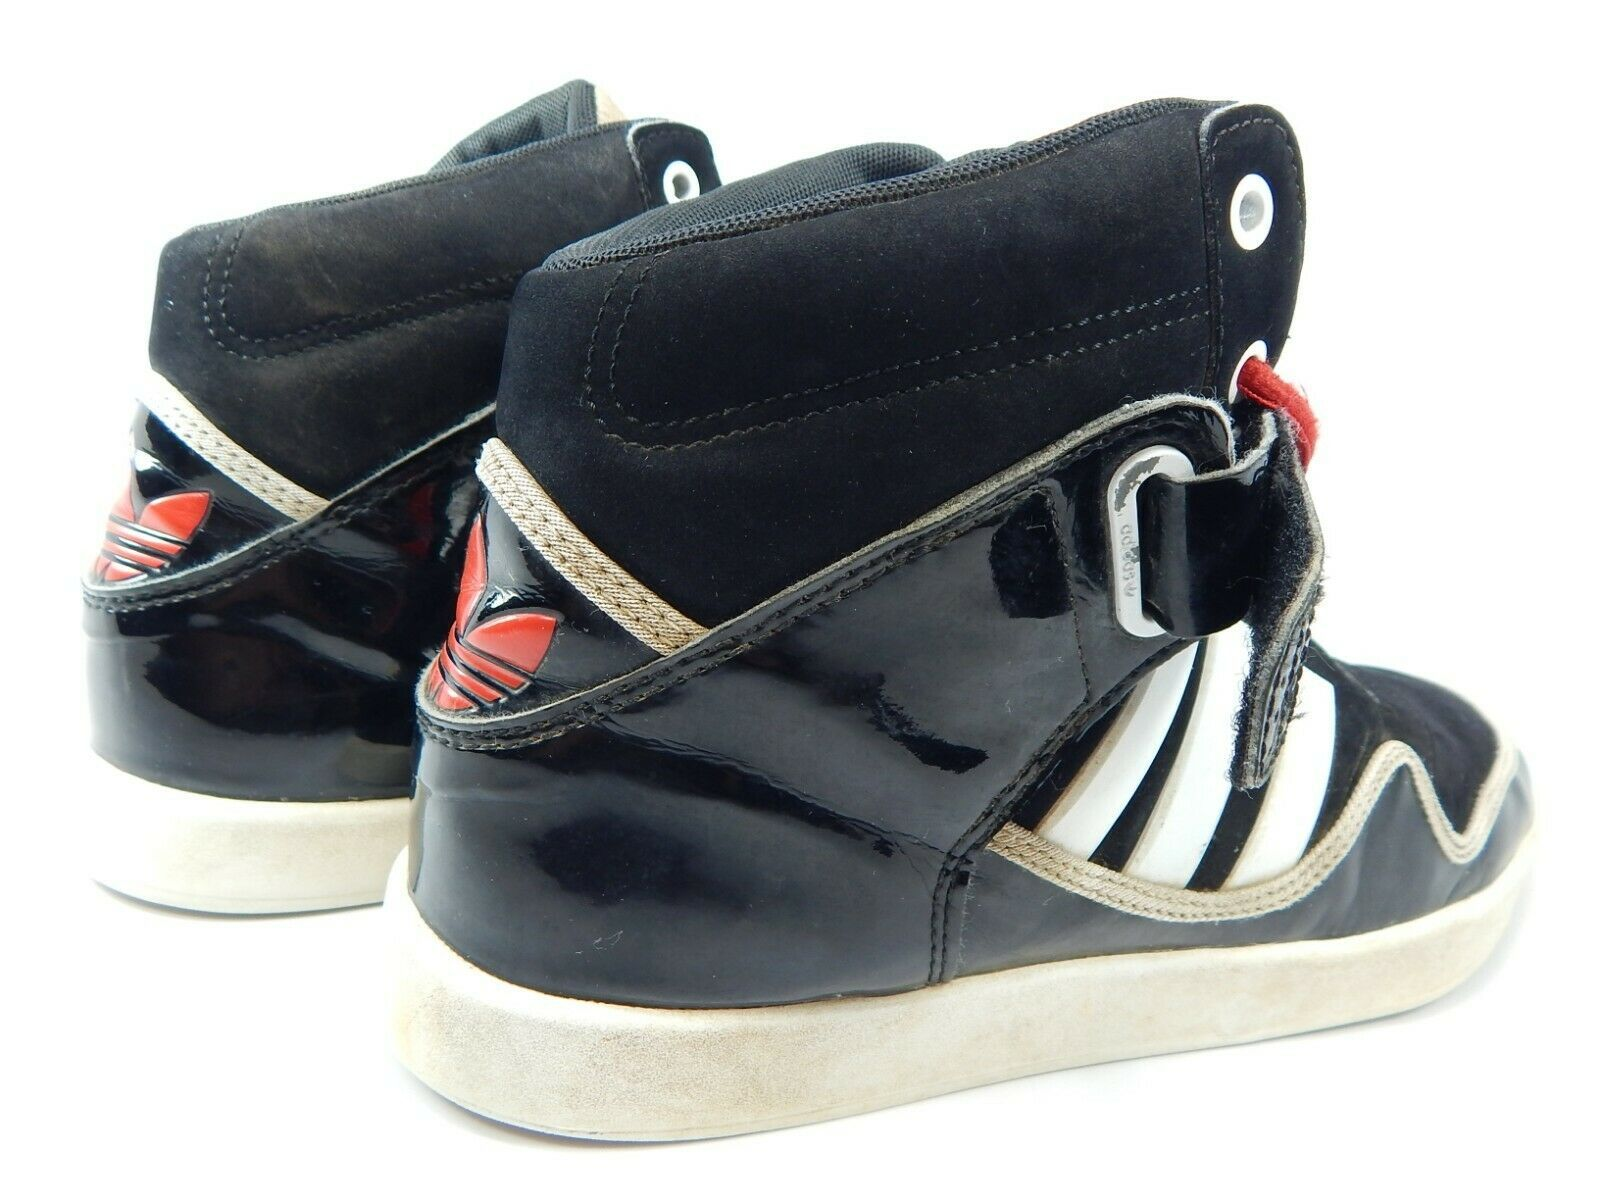 Adidas Evm 004001 Hi Top Größe 9.5 M D Eu 43 and 50 similar